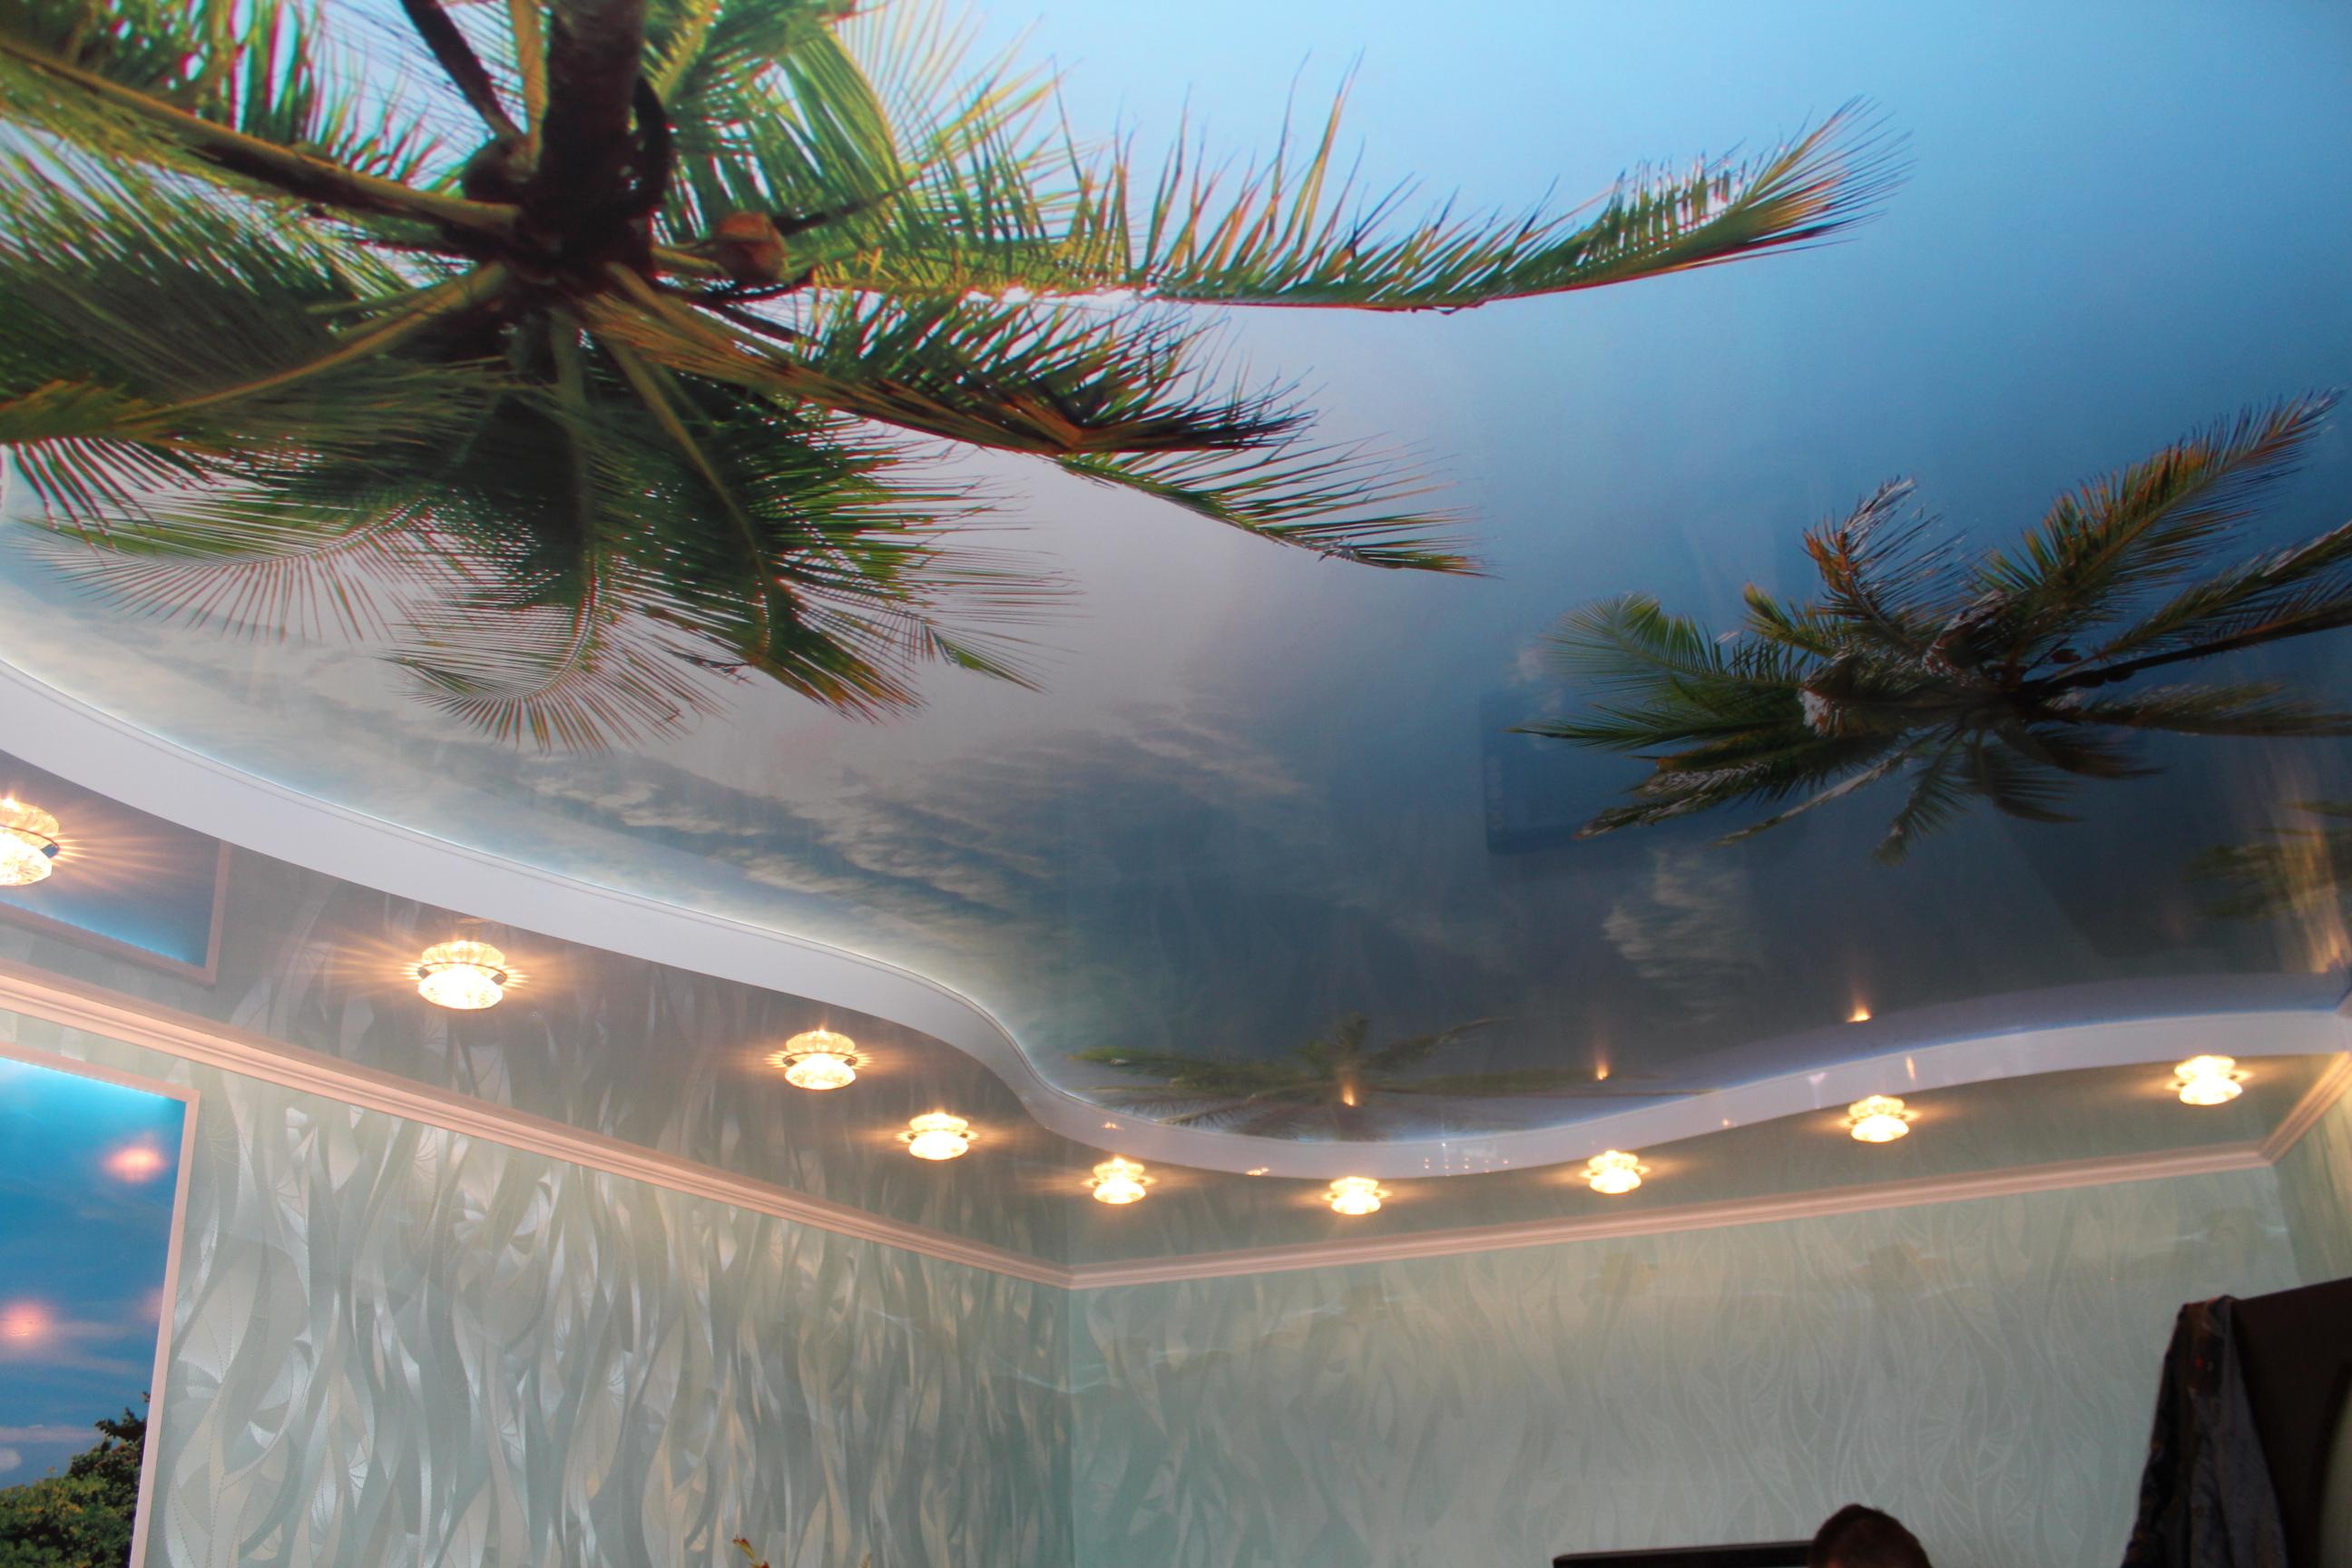 Натяжной потолок с фотопечатью пальм